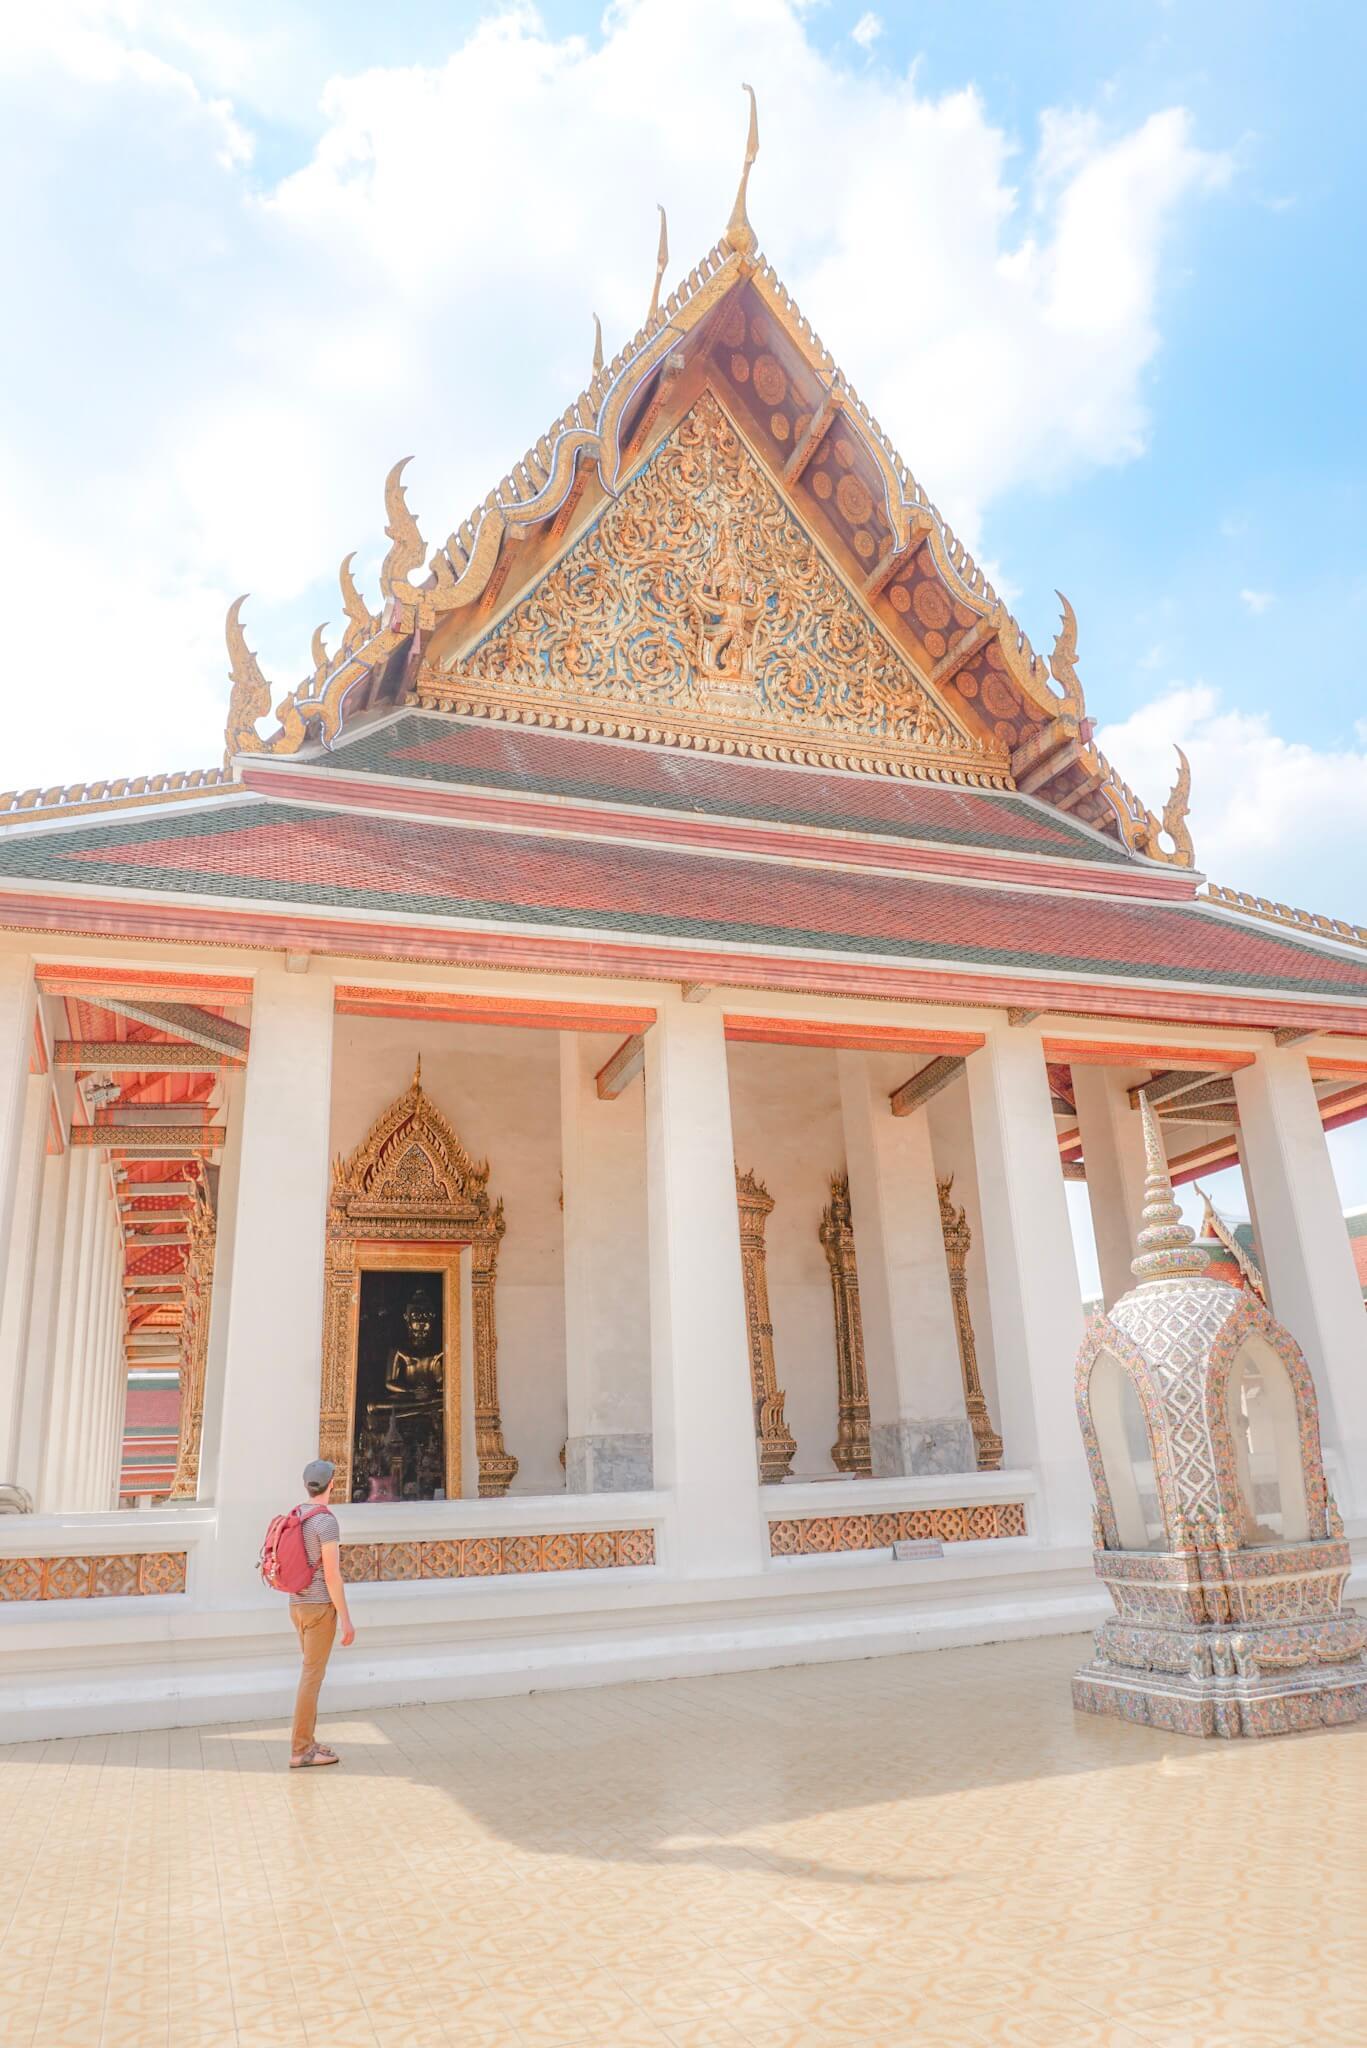 Notre blog pour visiter Bangkok et la Thailande